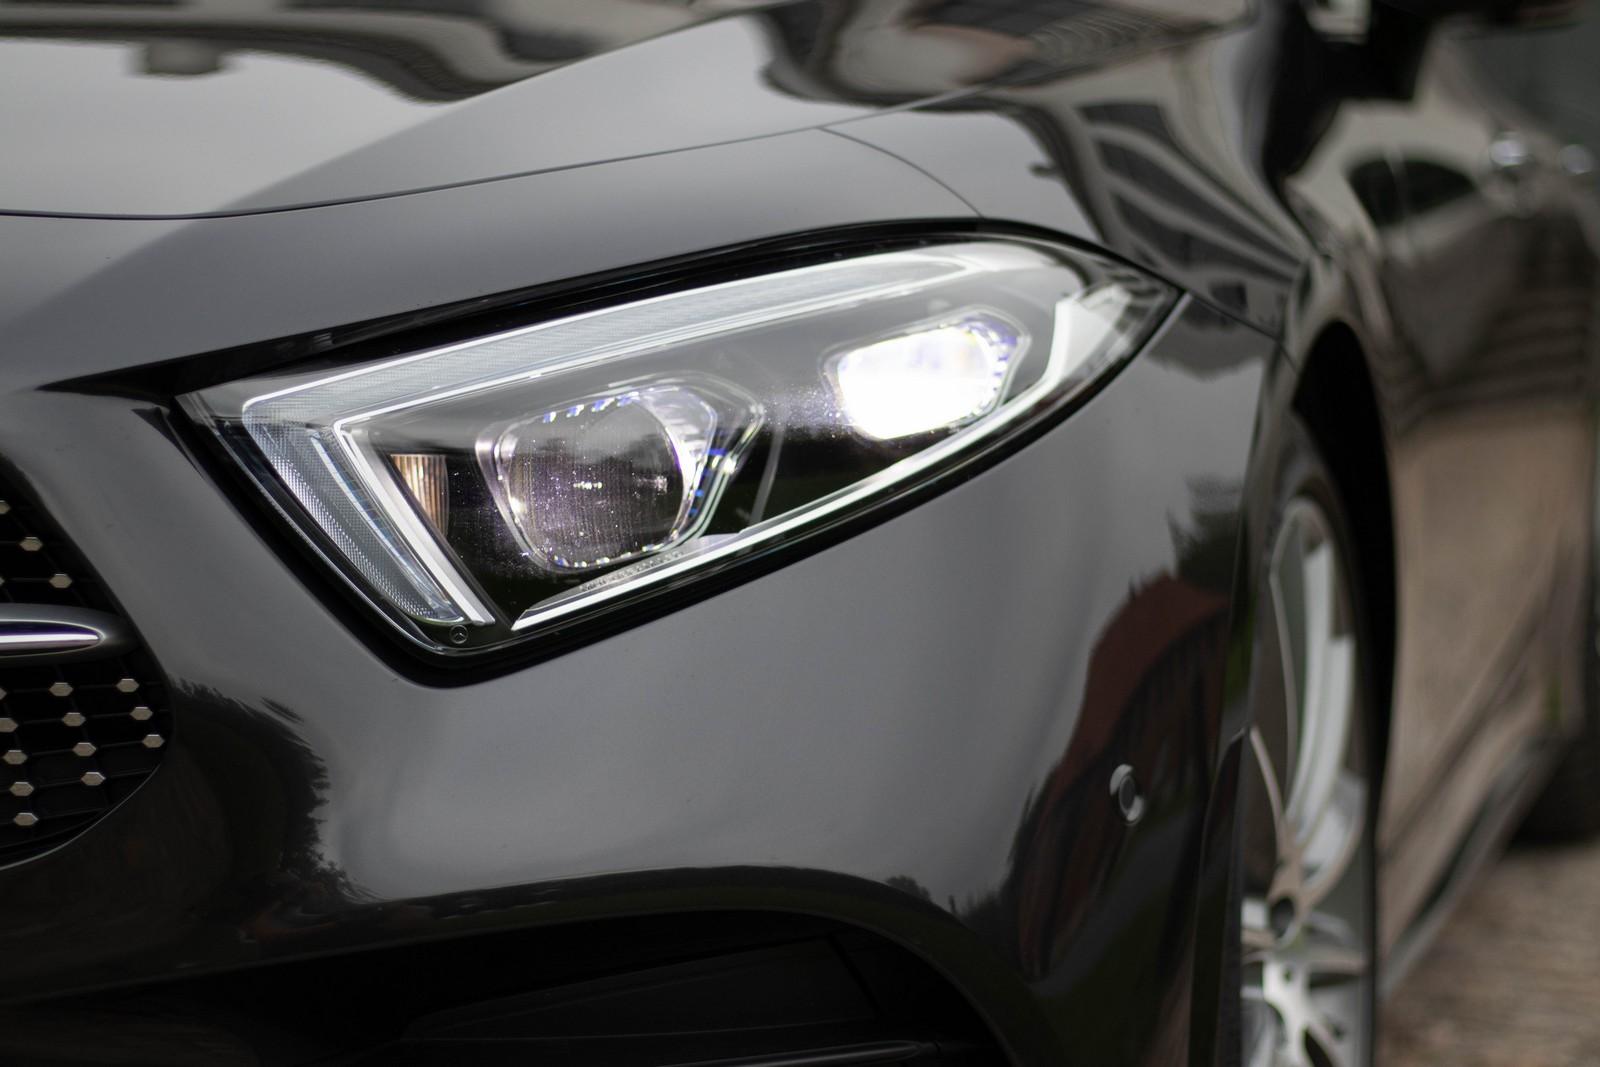 Mercedes-Benz CLS 400d Headlight